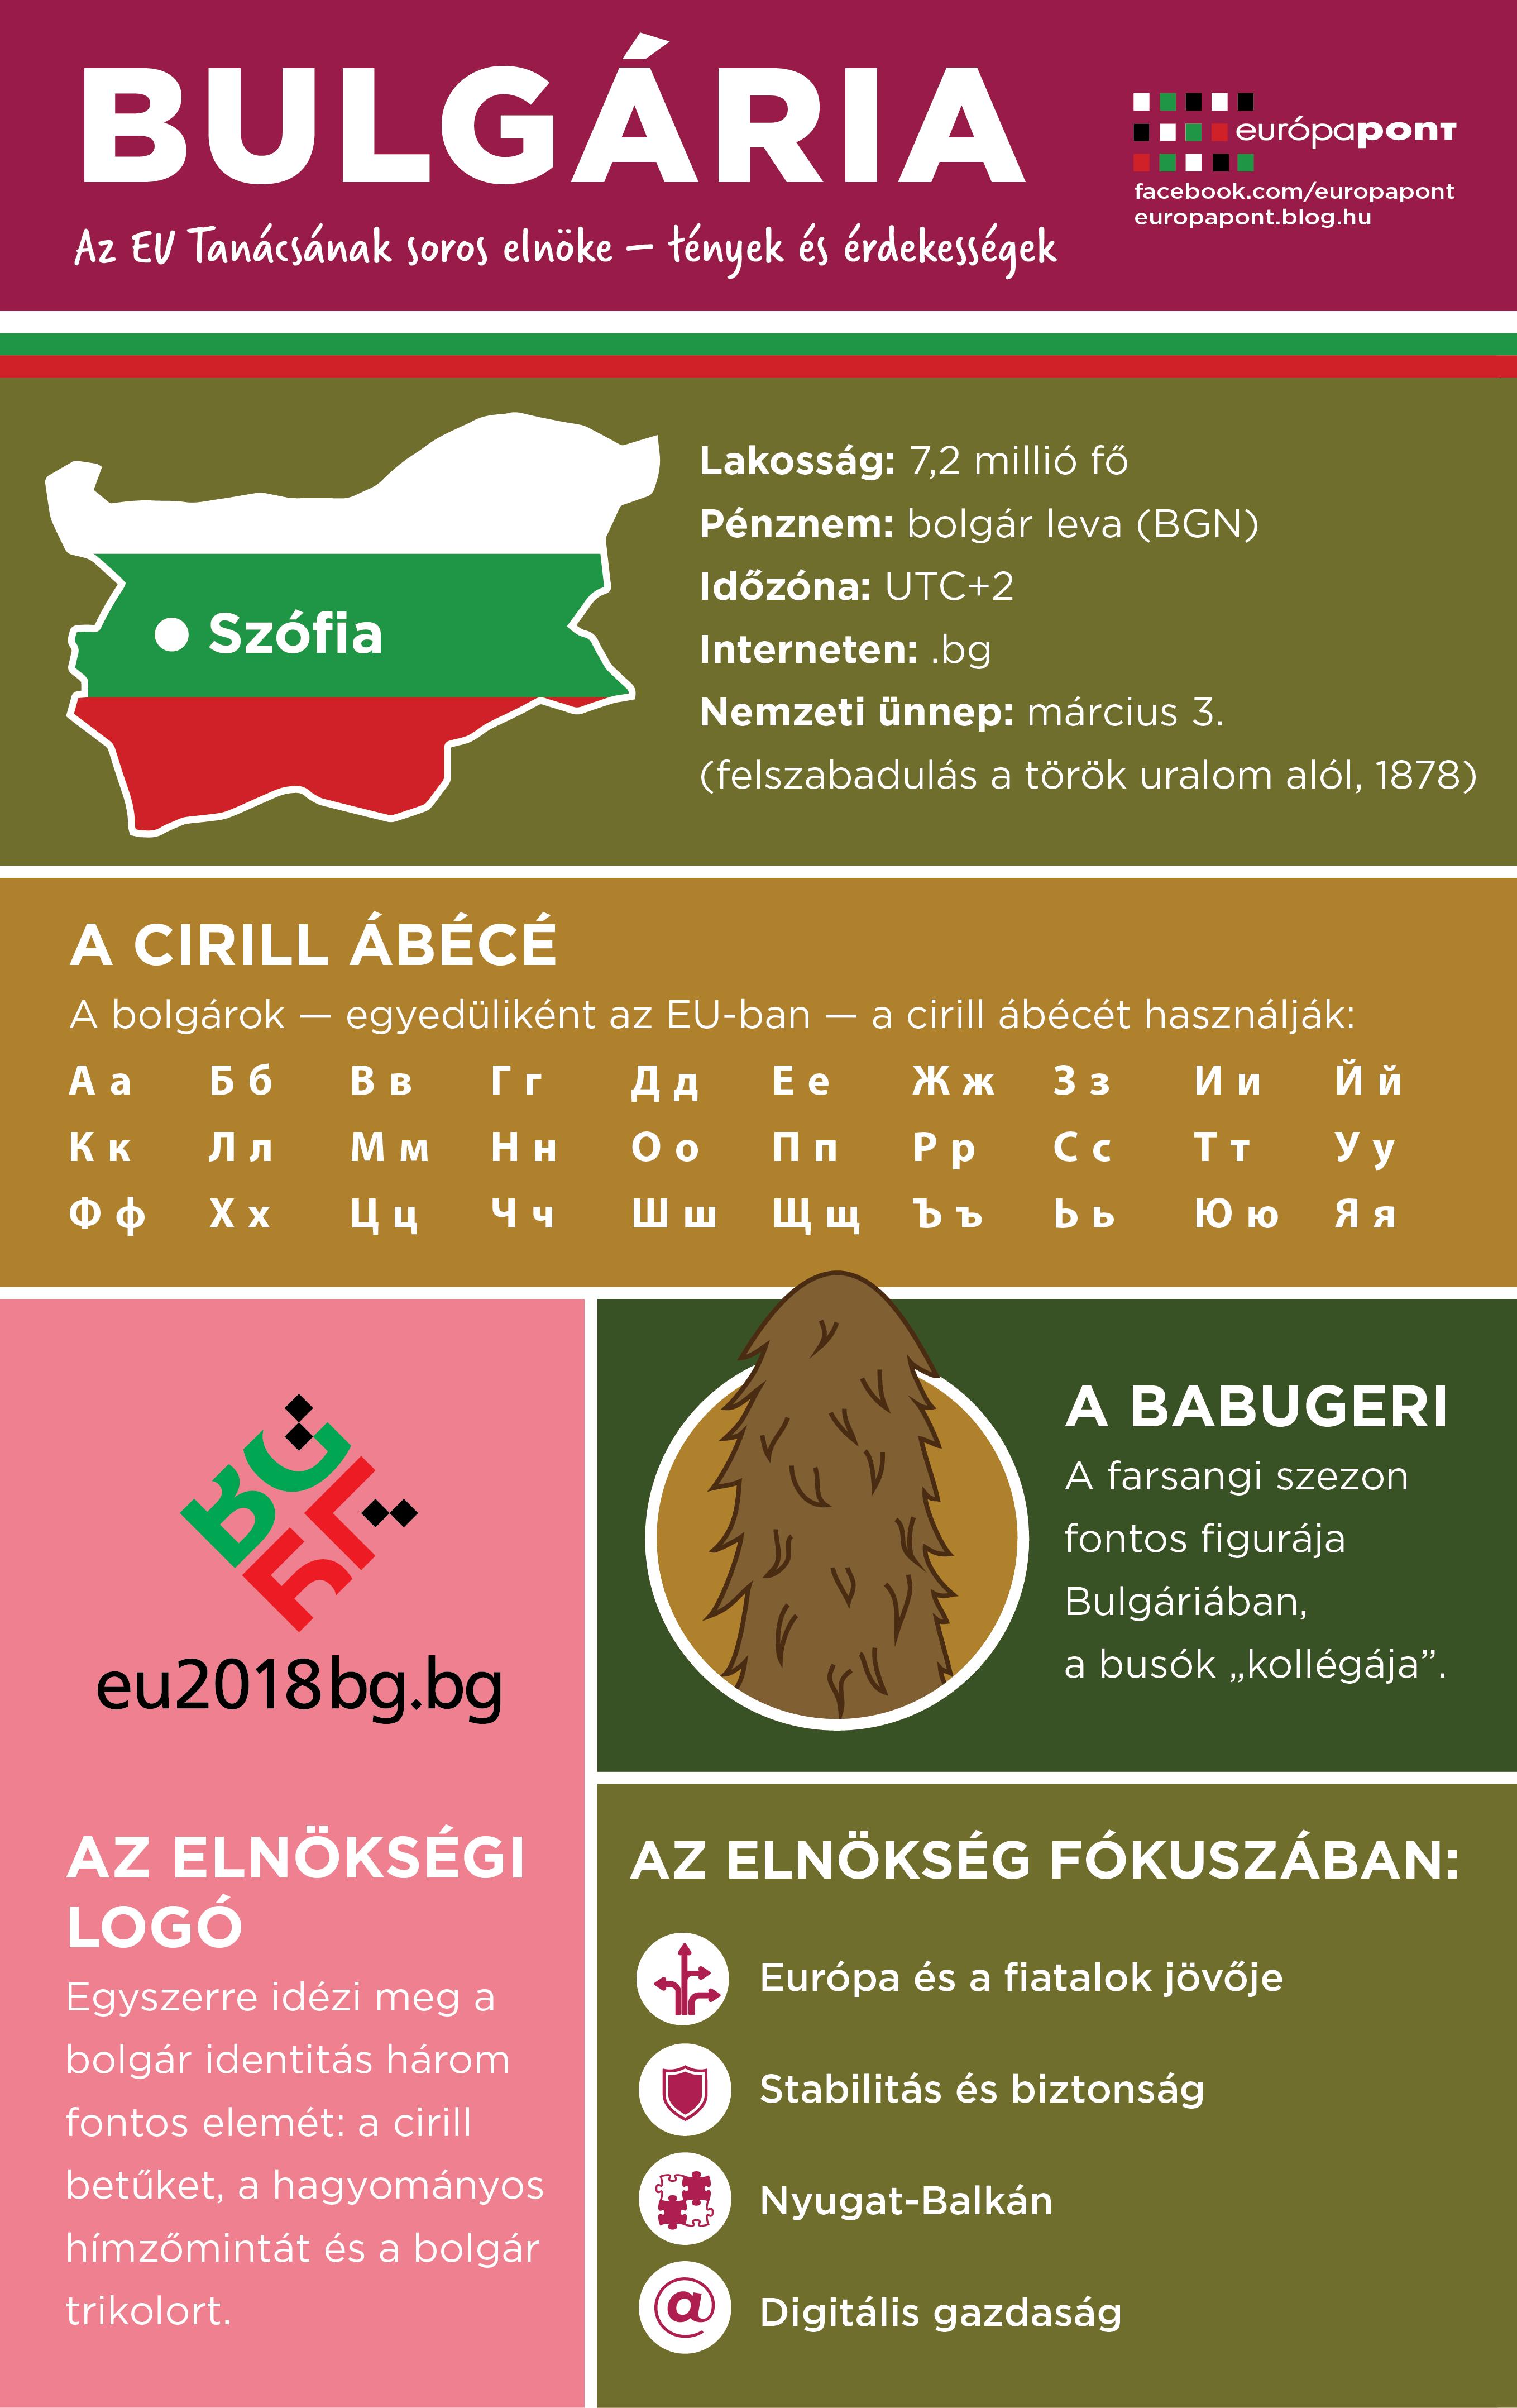 bulgaria2-01.png